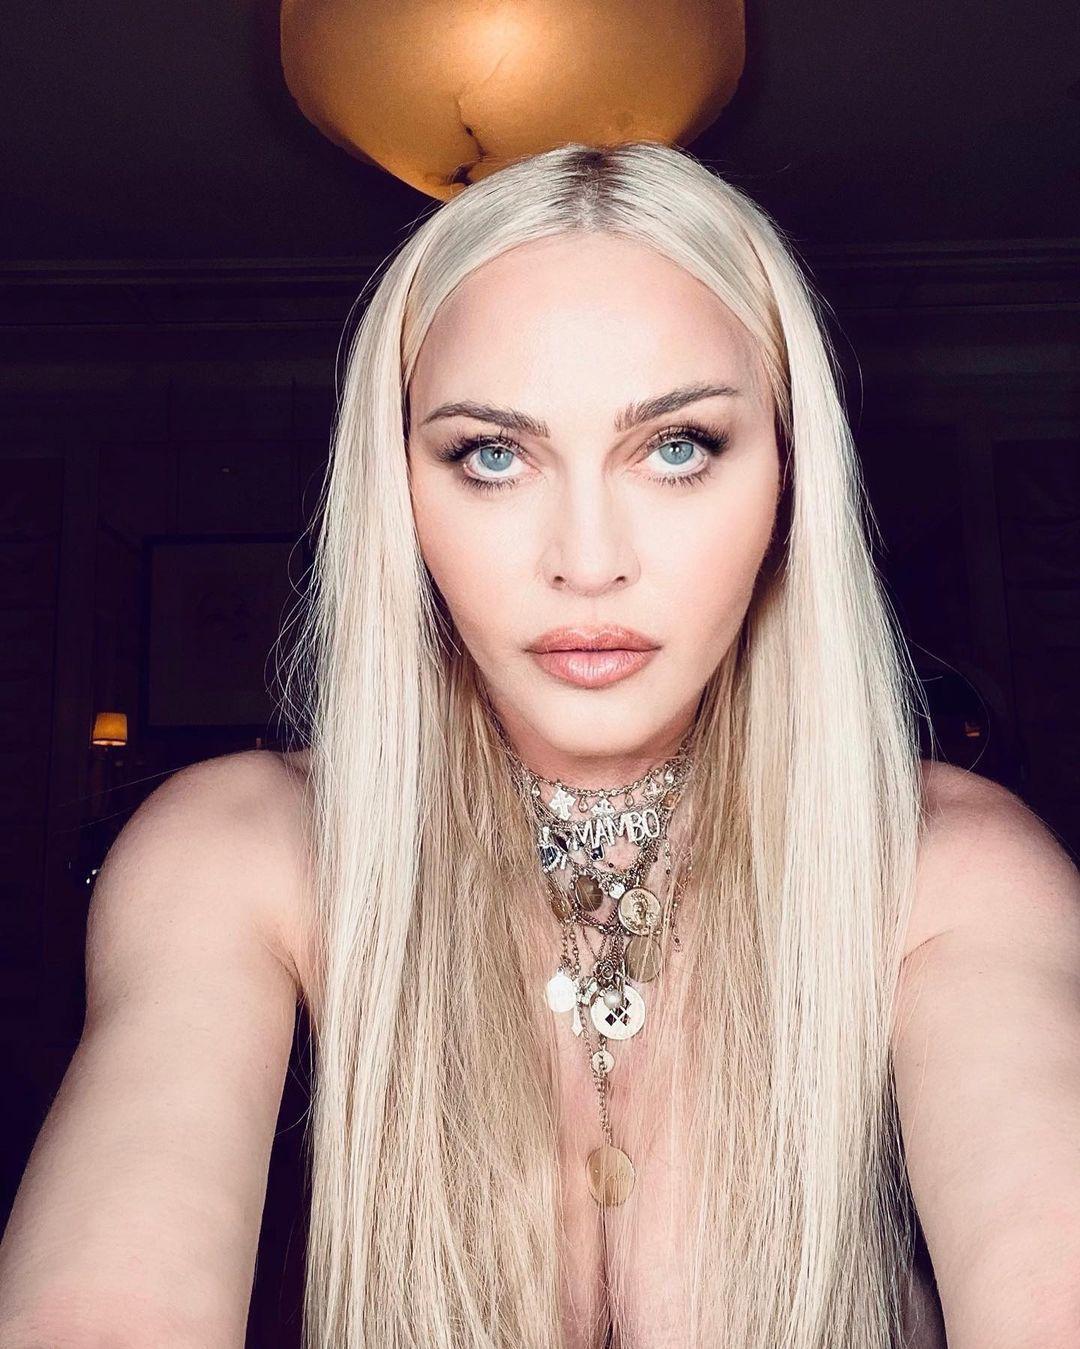 Мадонна шокировала фанов / instagram.com/madonna